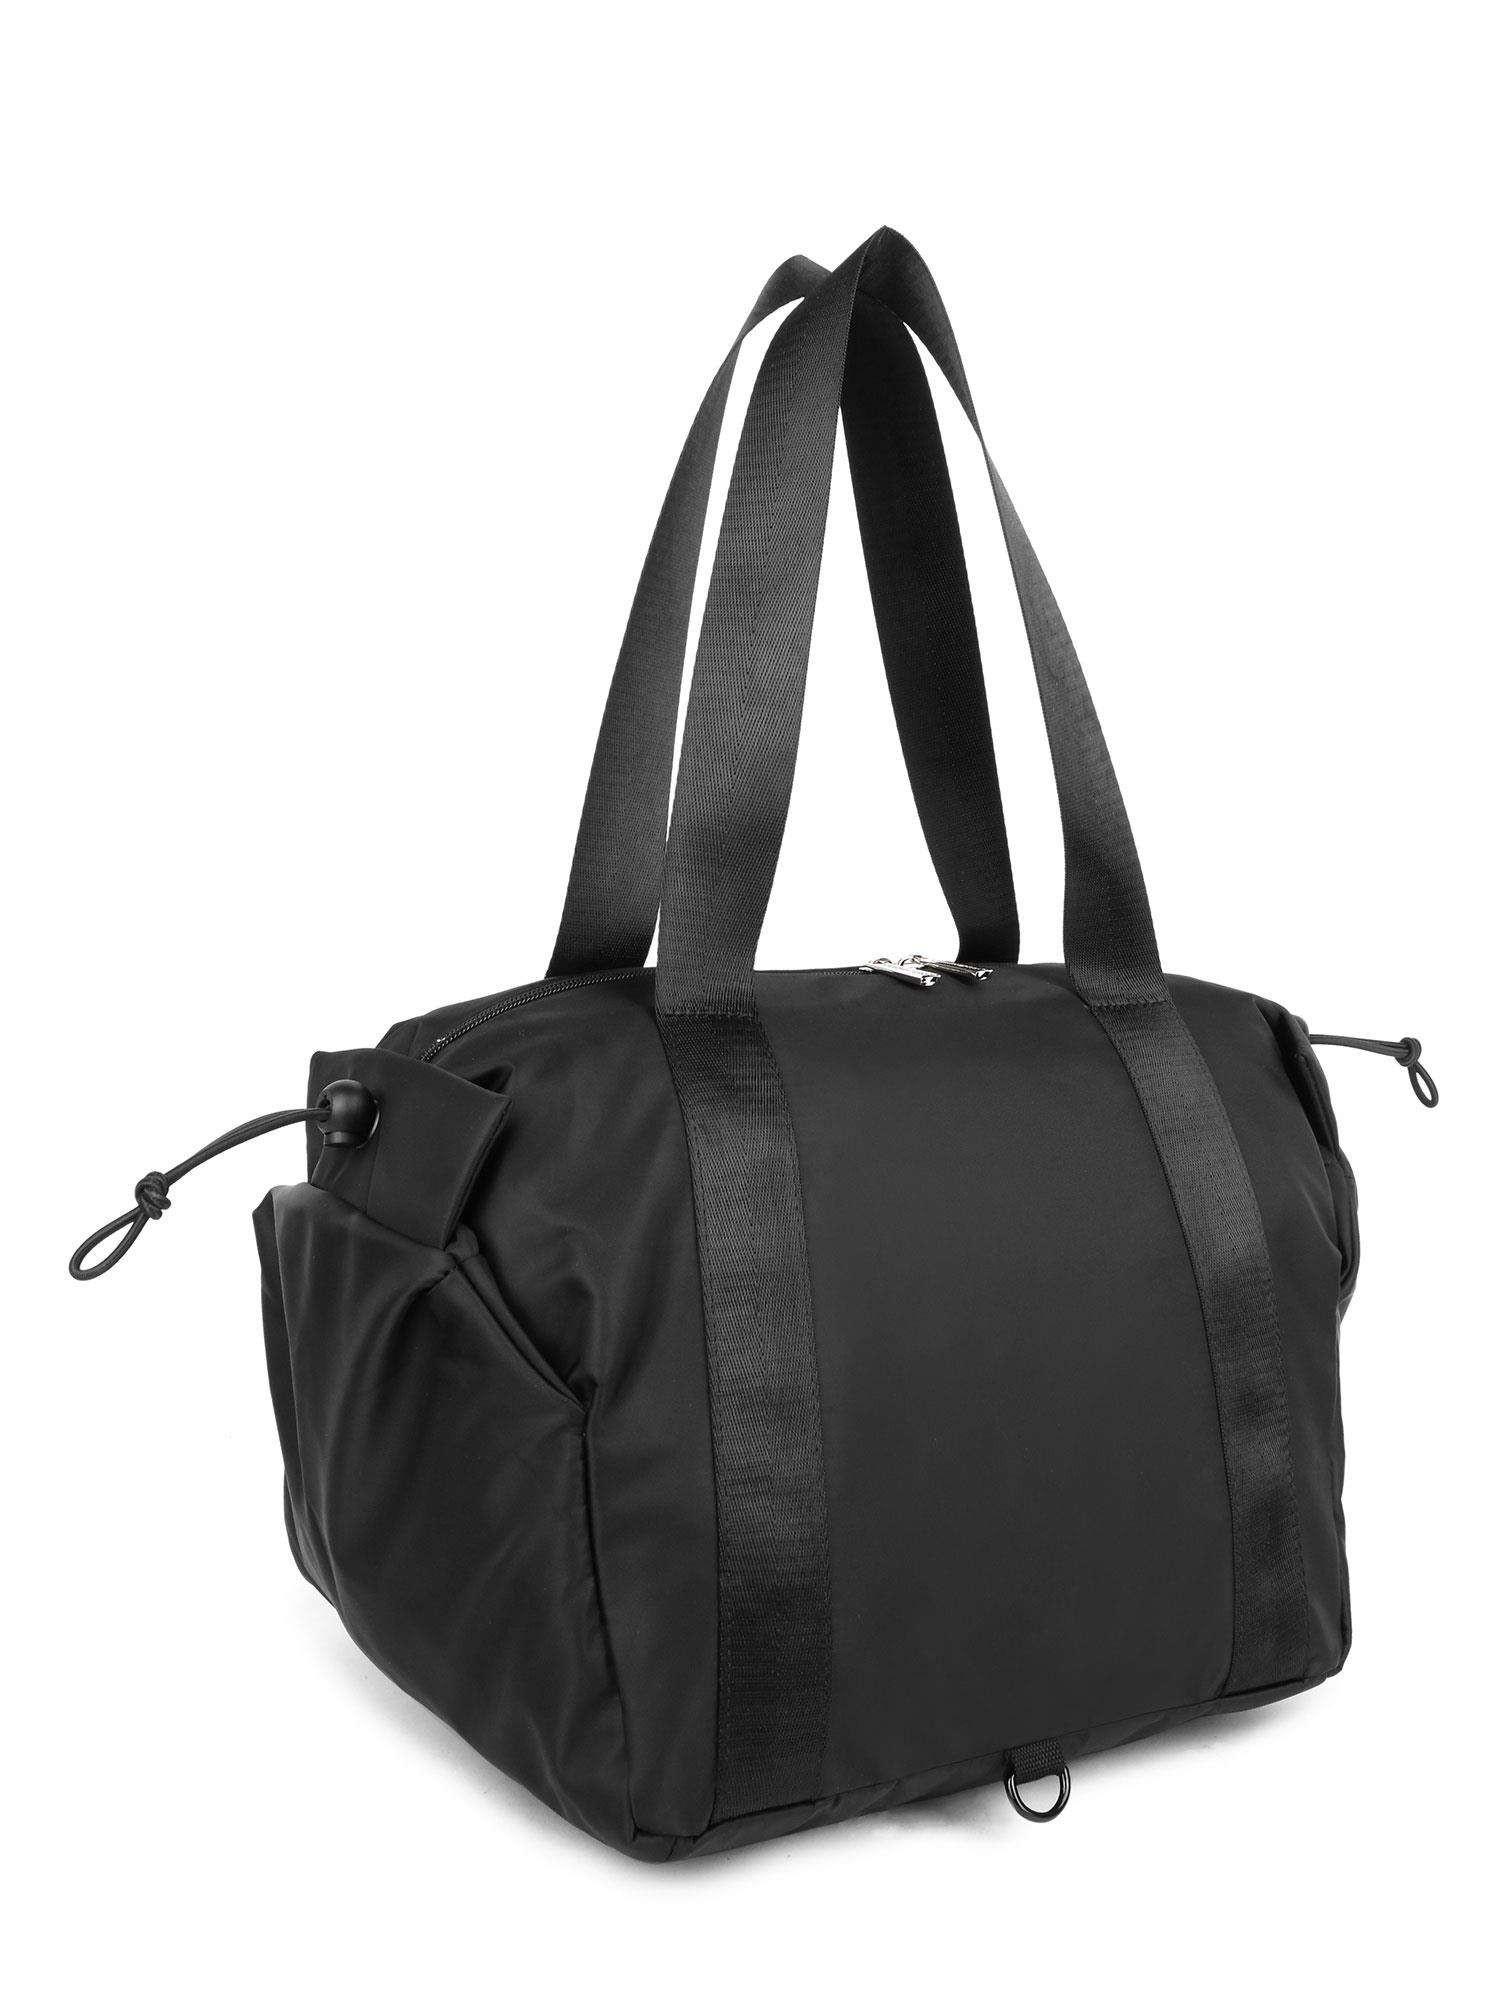 Čierna mestská taška LUIGISANTO one size